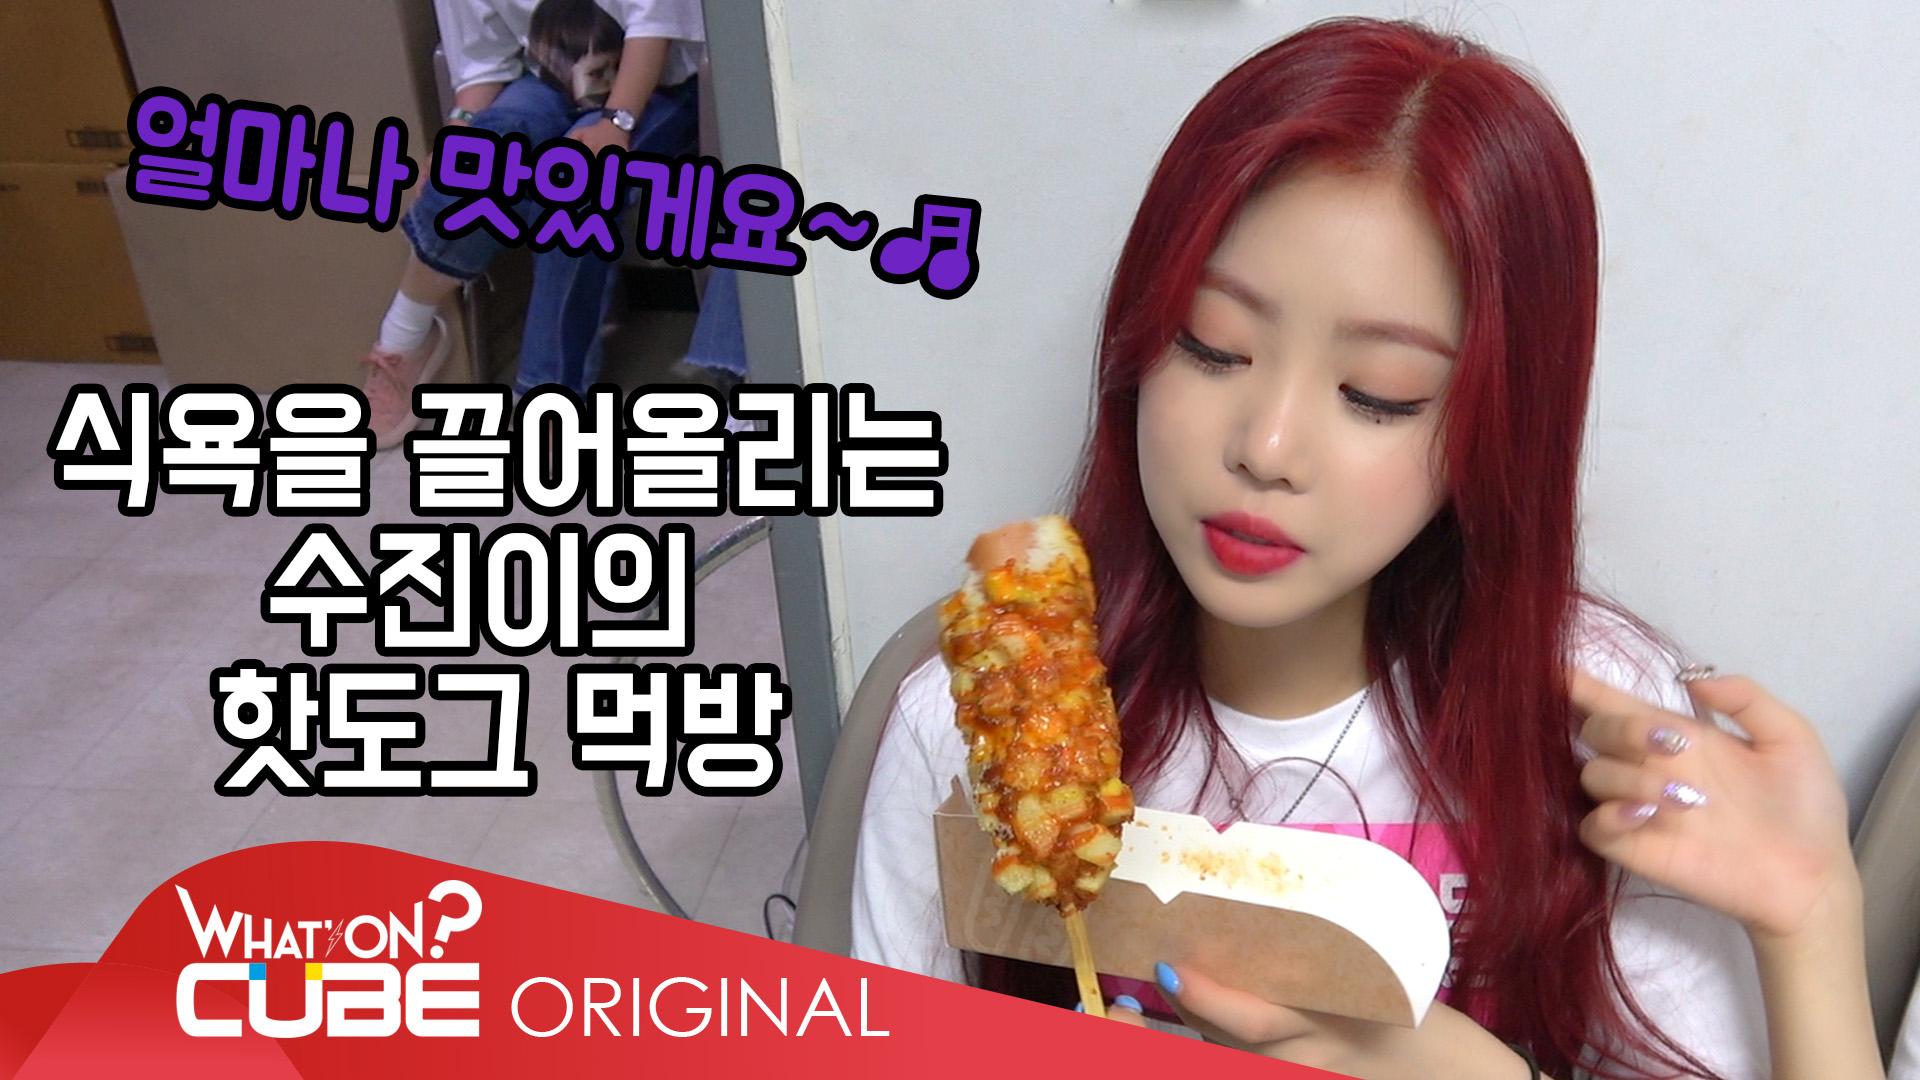 (여자)아이들 - I-TALK #18 : 2018 추석특집 아육대 비하인드